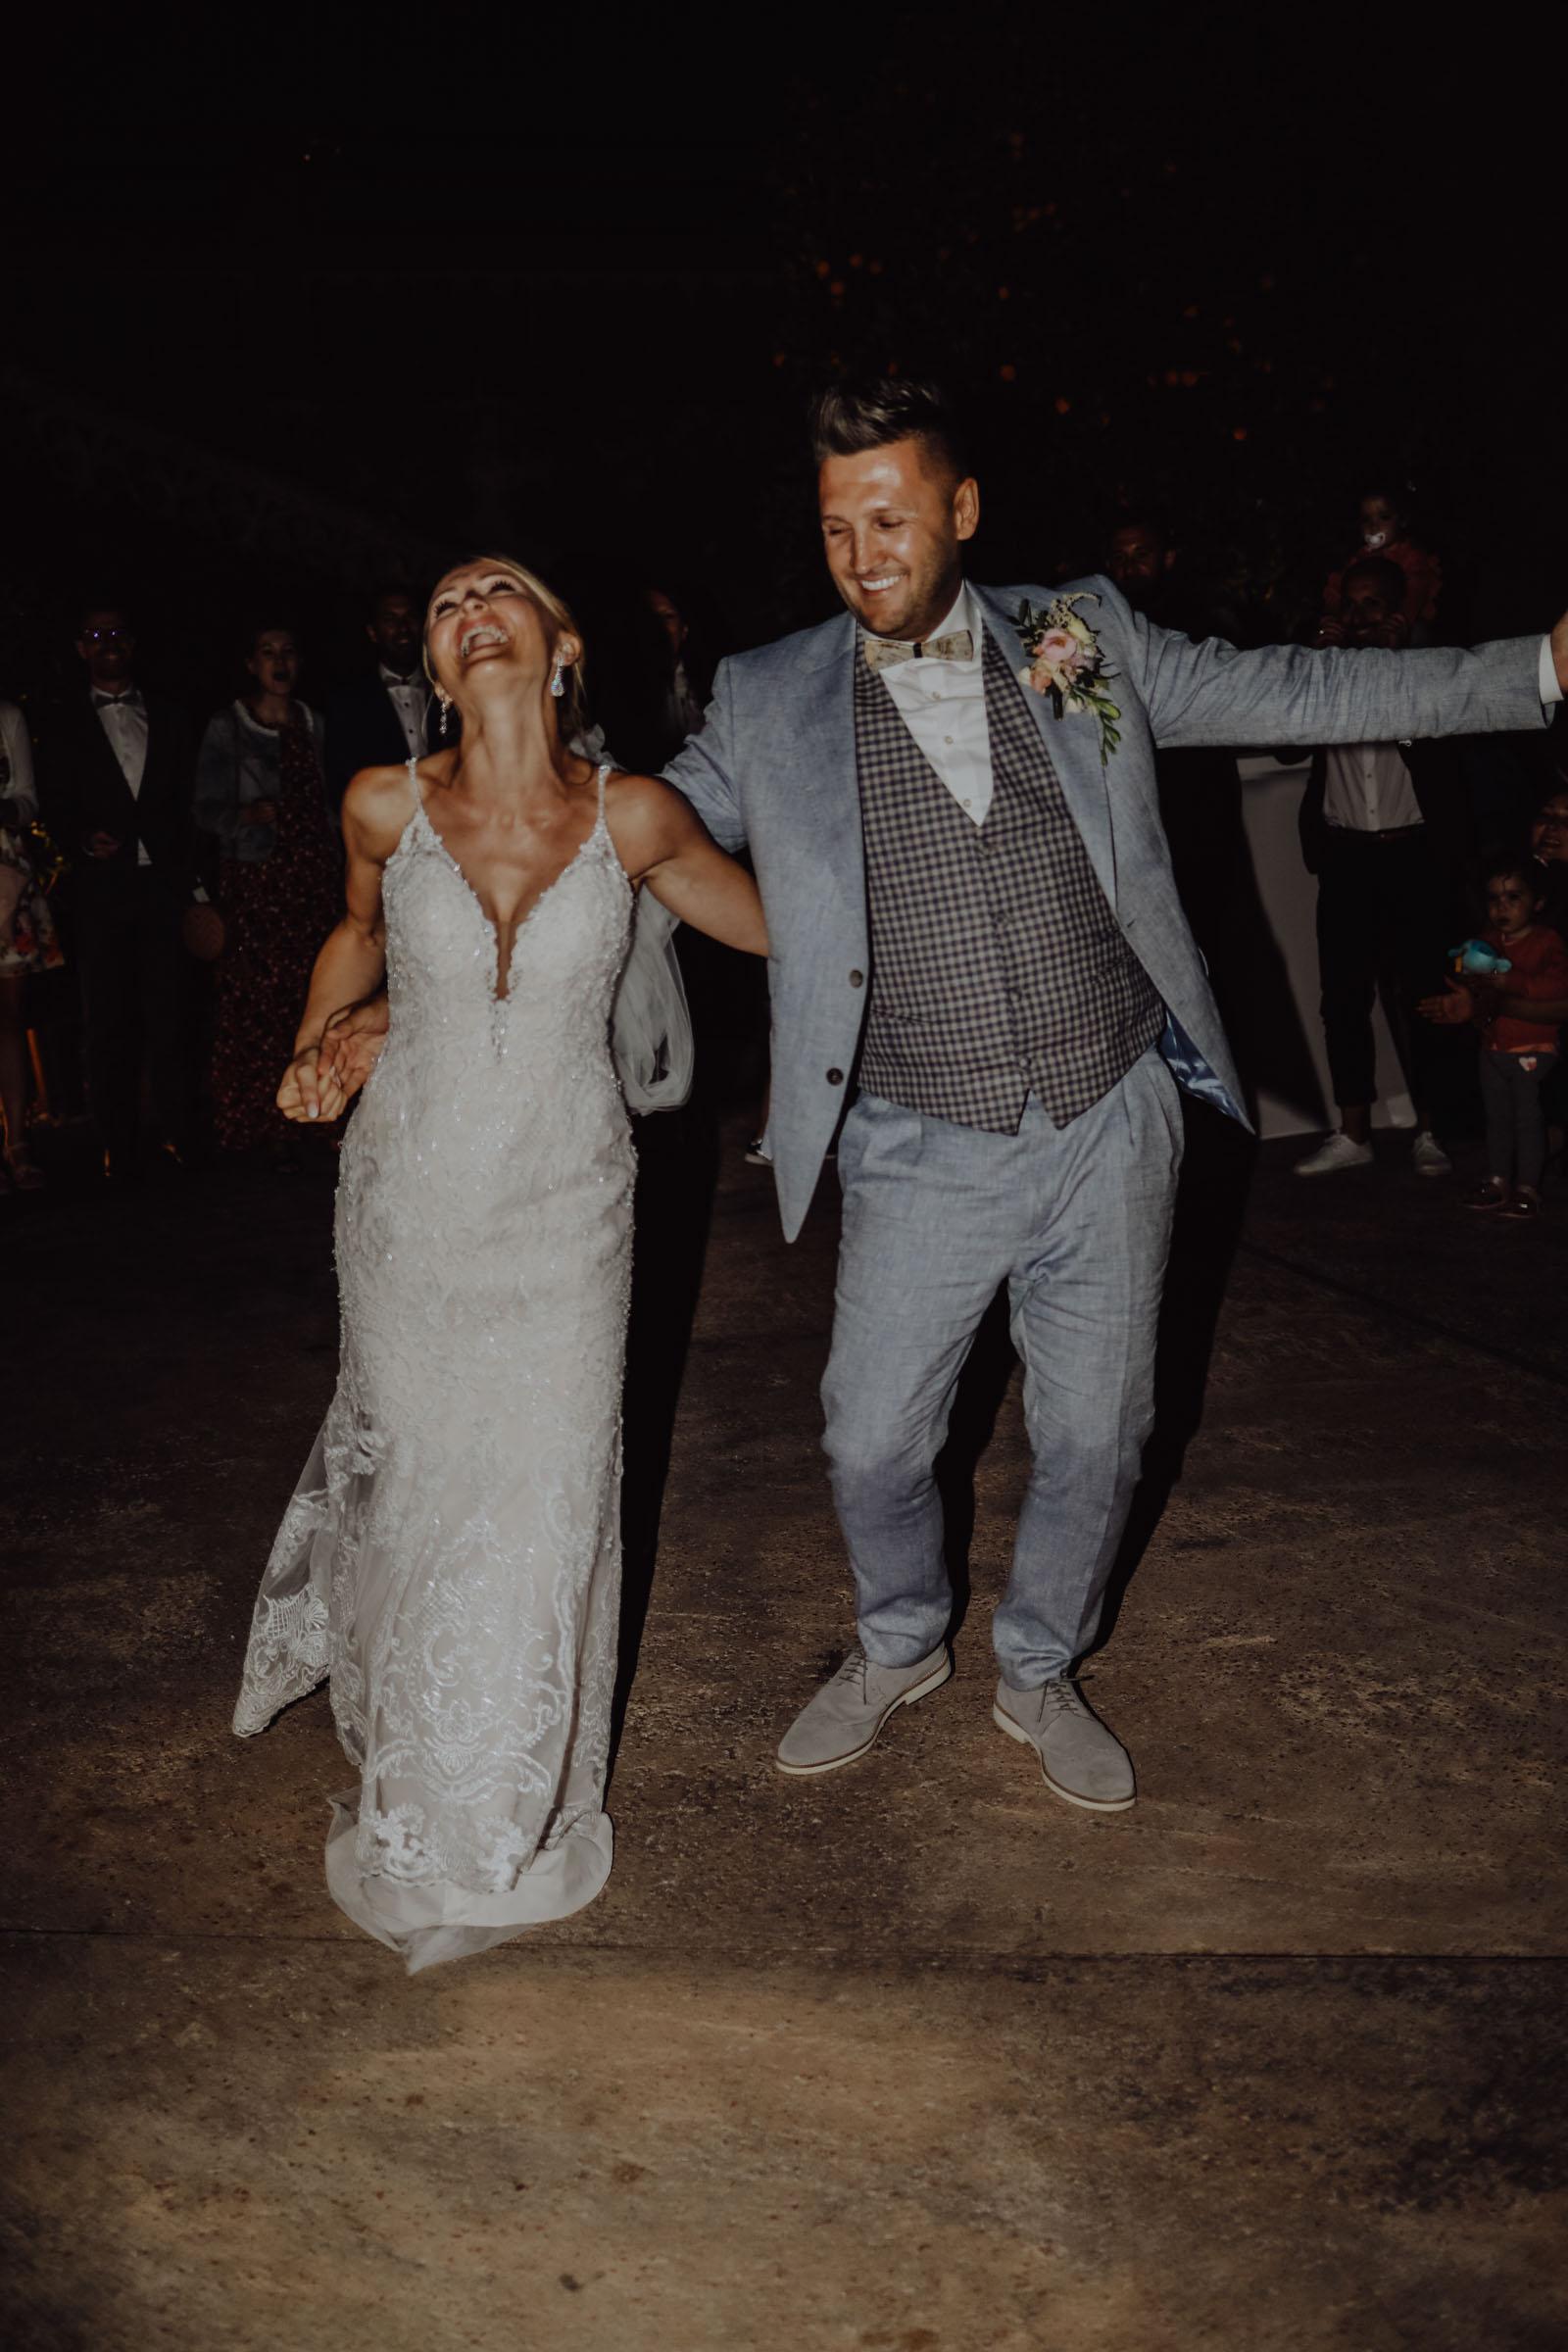 Tanzendes Brautpaar in der Nacht